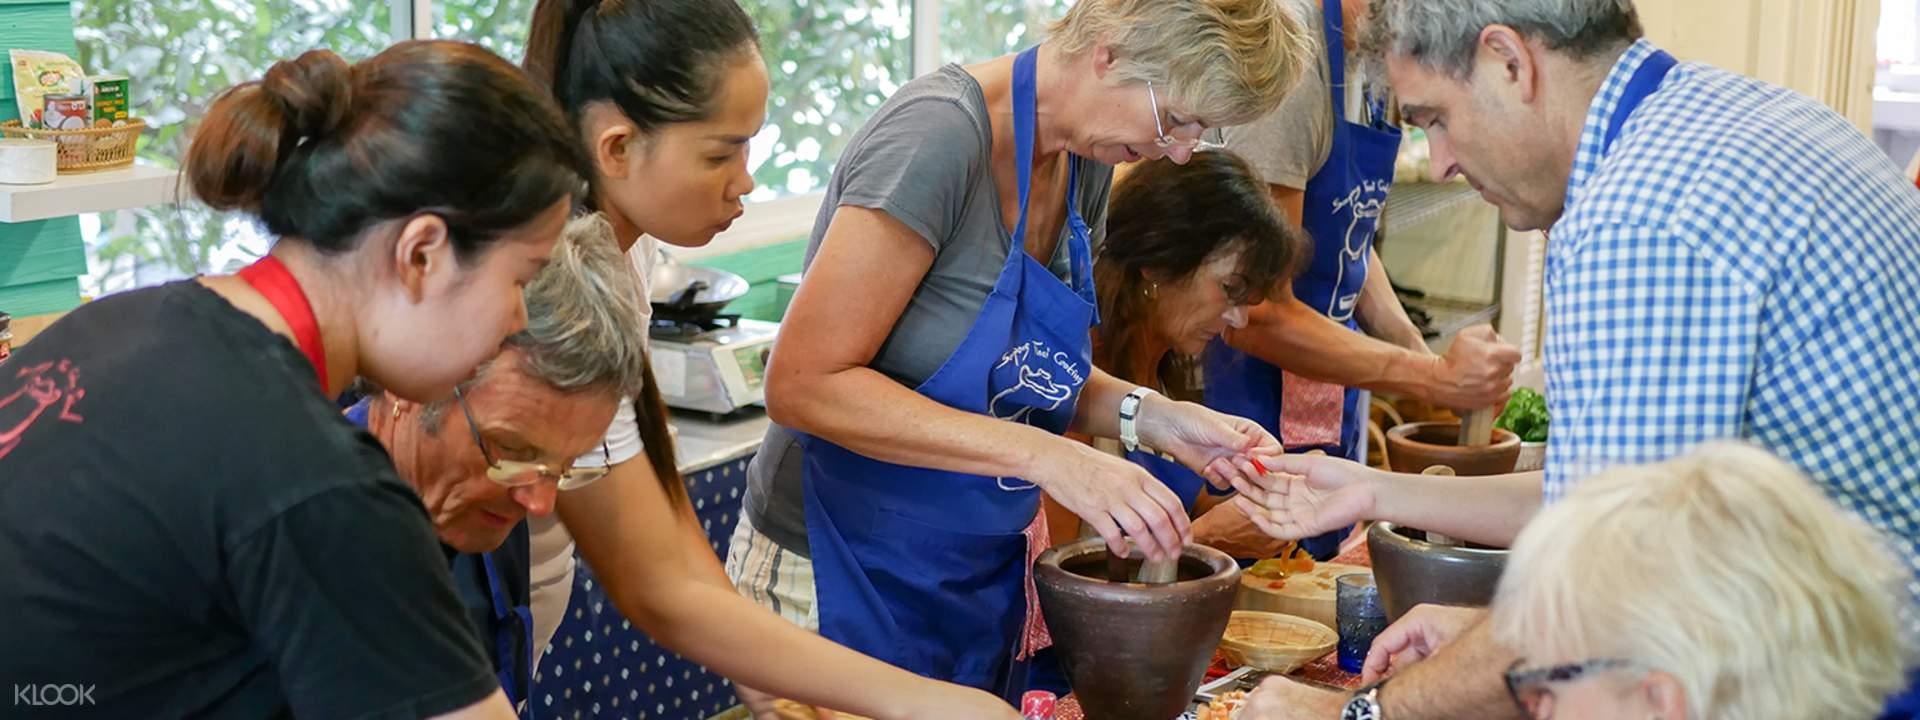 2019泰國自由行推薦.絕不能錯過:Cooking Class 曼谷廚藝教室 傳統手作烹飪體驗